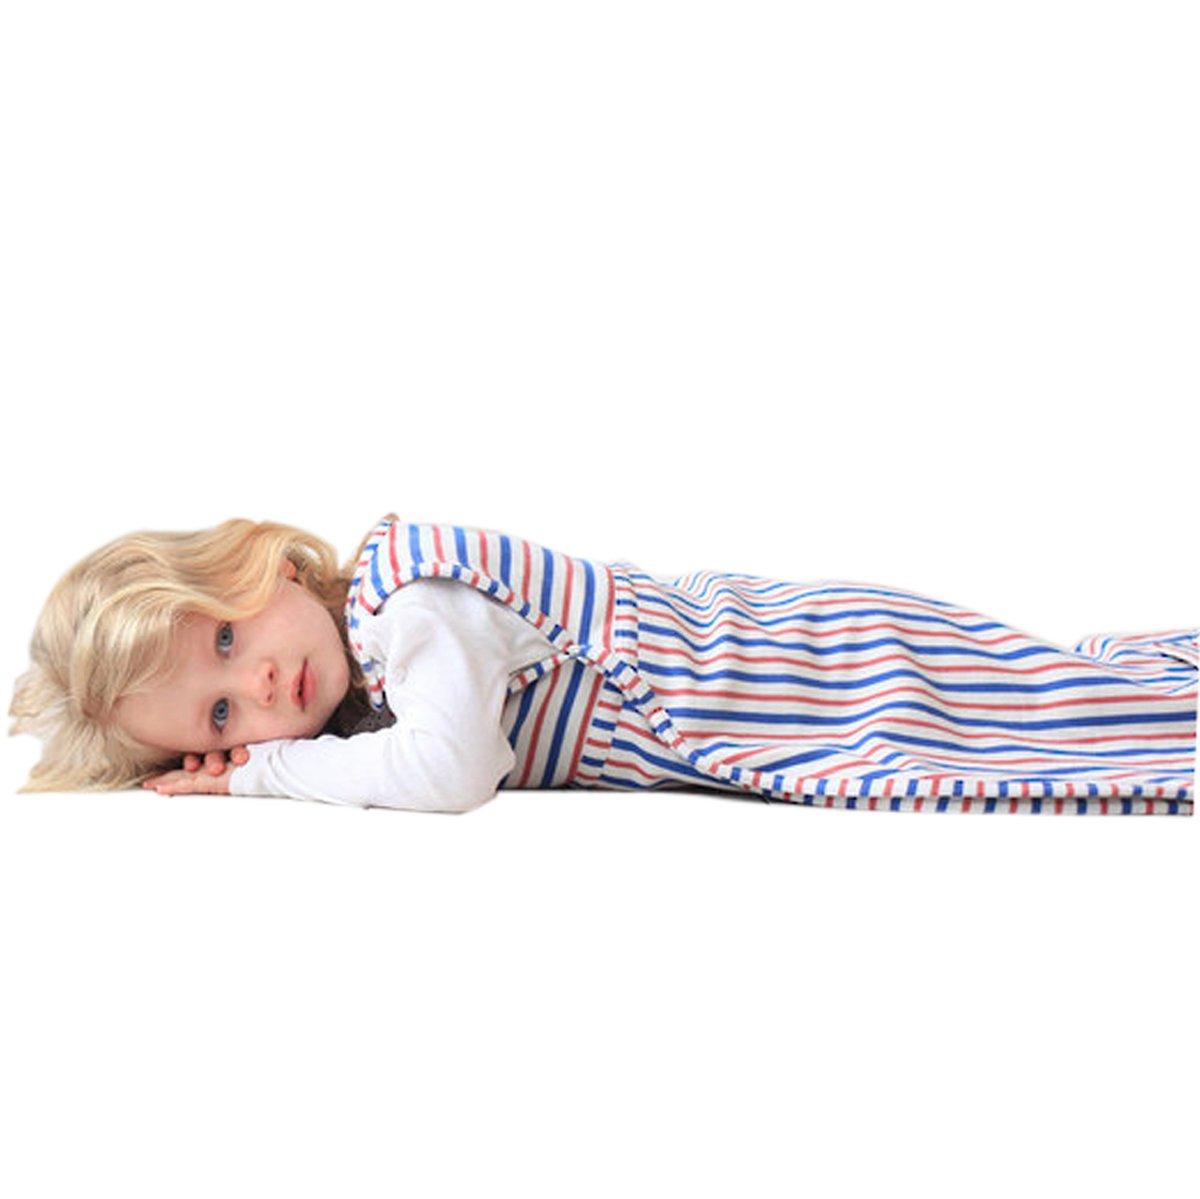 Merino Kids Winter-Weight Baby Sleep Bag For Toddlers 2-4 Years, Banbury/Raspberry